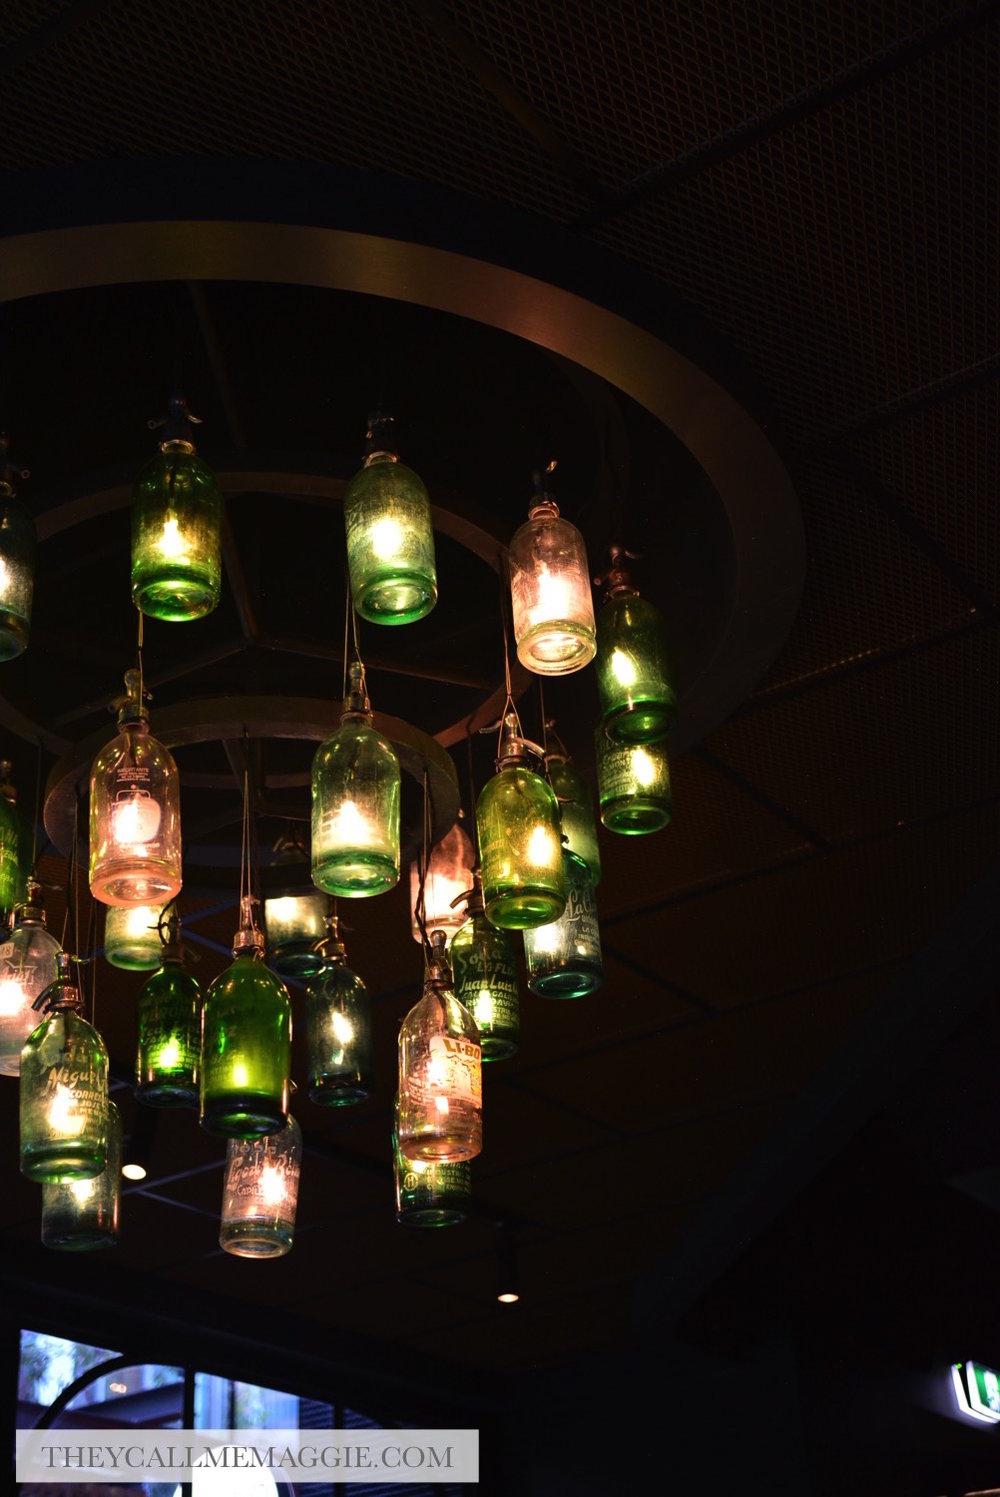 bottle-chandelier.jpg